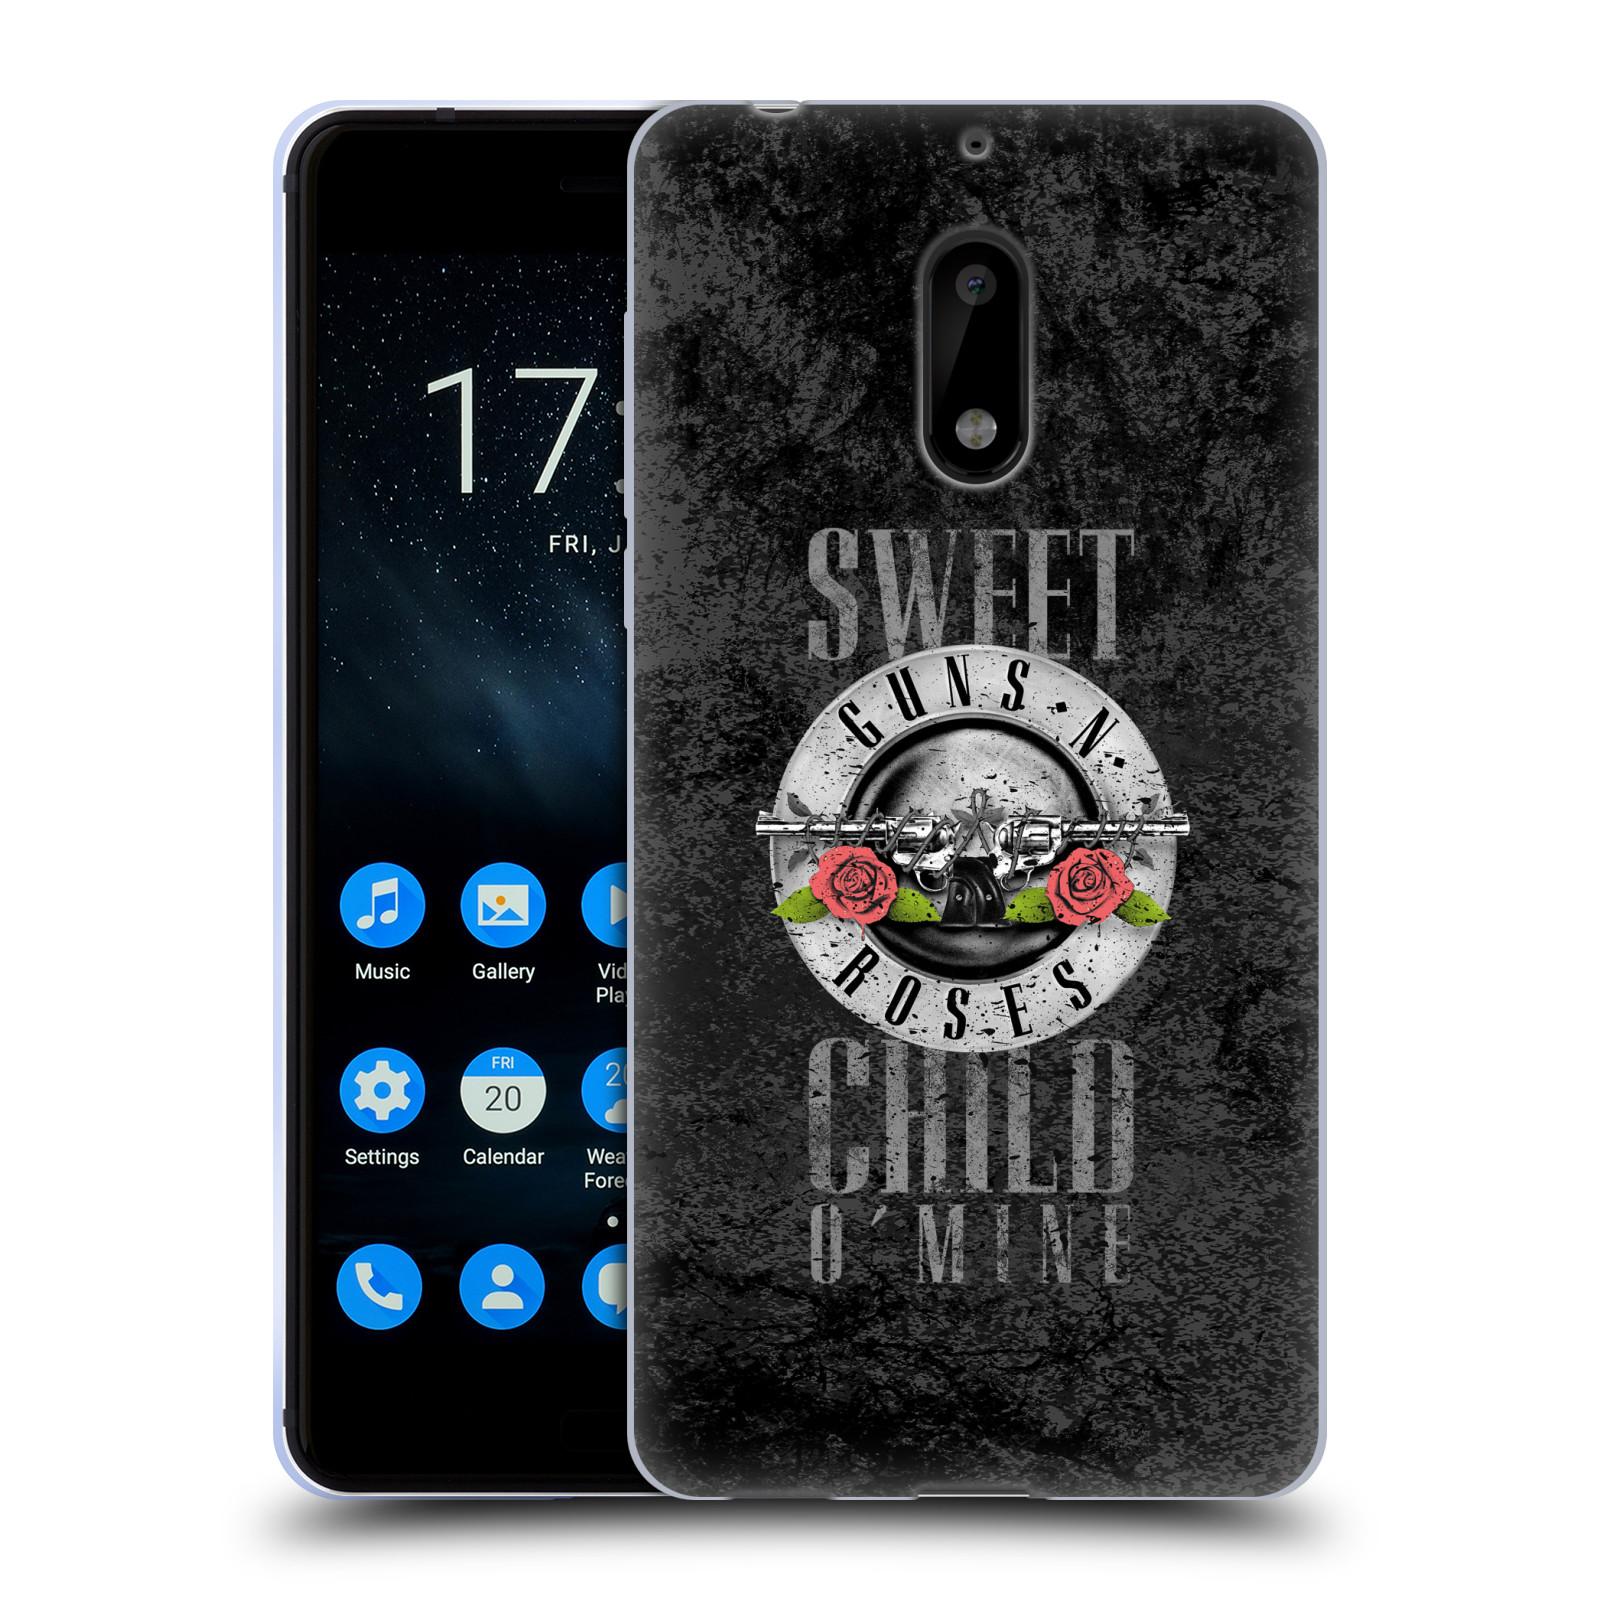 Silikonové pouzdro na mobil Nokia 6 - Head Case - Guns N' Roses - Sweet Child